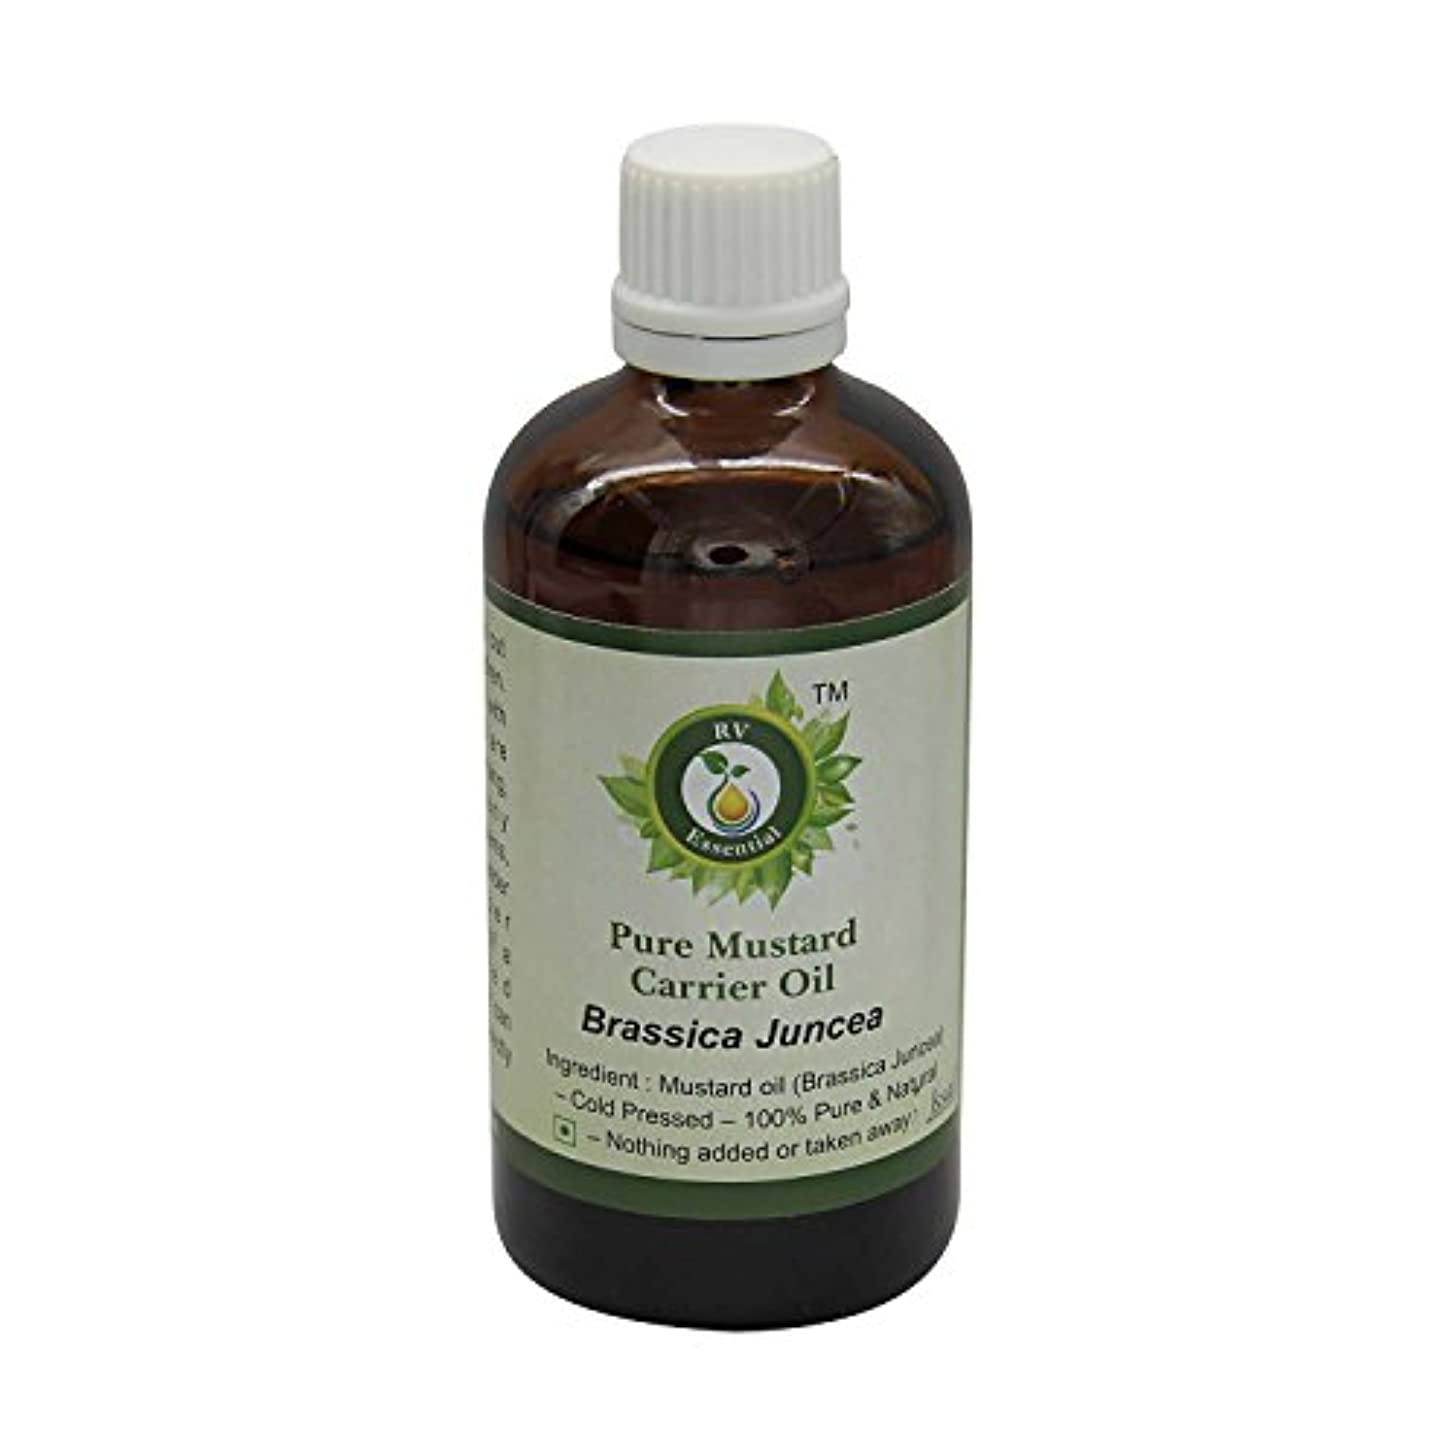 ご意見メナジェリー不十分R V Essential 純粋なマスタードキャリアオイル15ml (0.507oz)- Brassica Juncea (100%ピュア&ナチュラルコールドPressed) Pure Mustard Carrier Oil